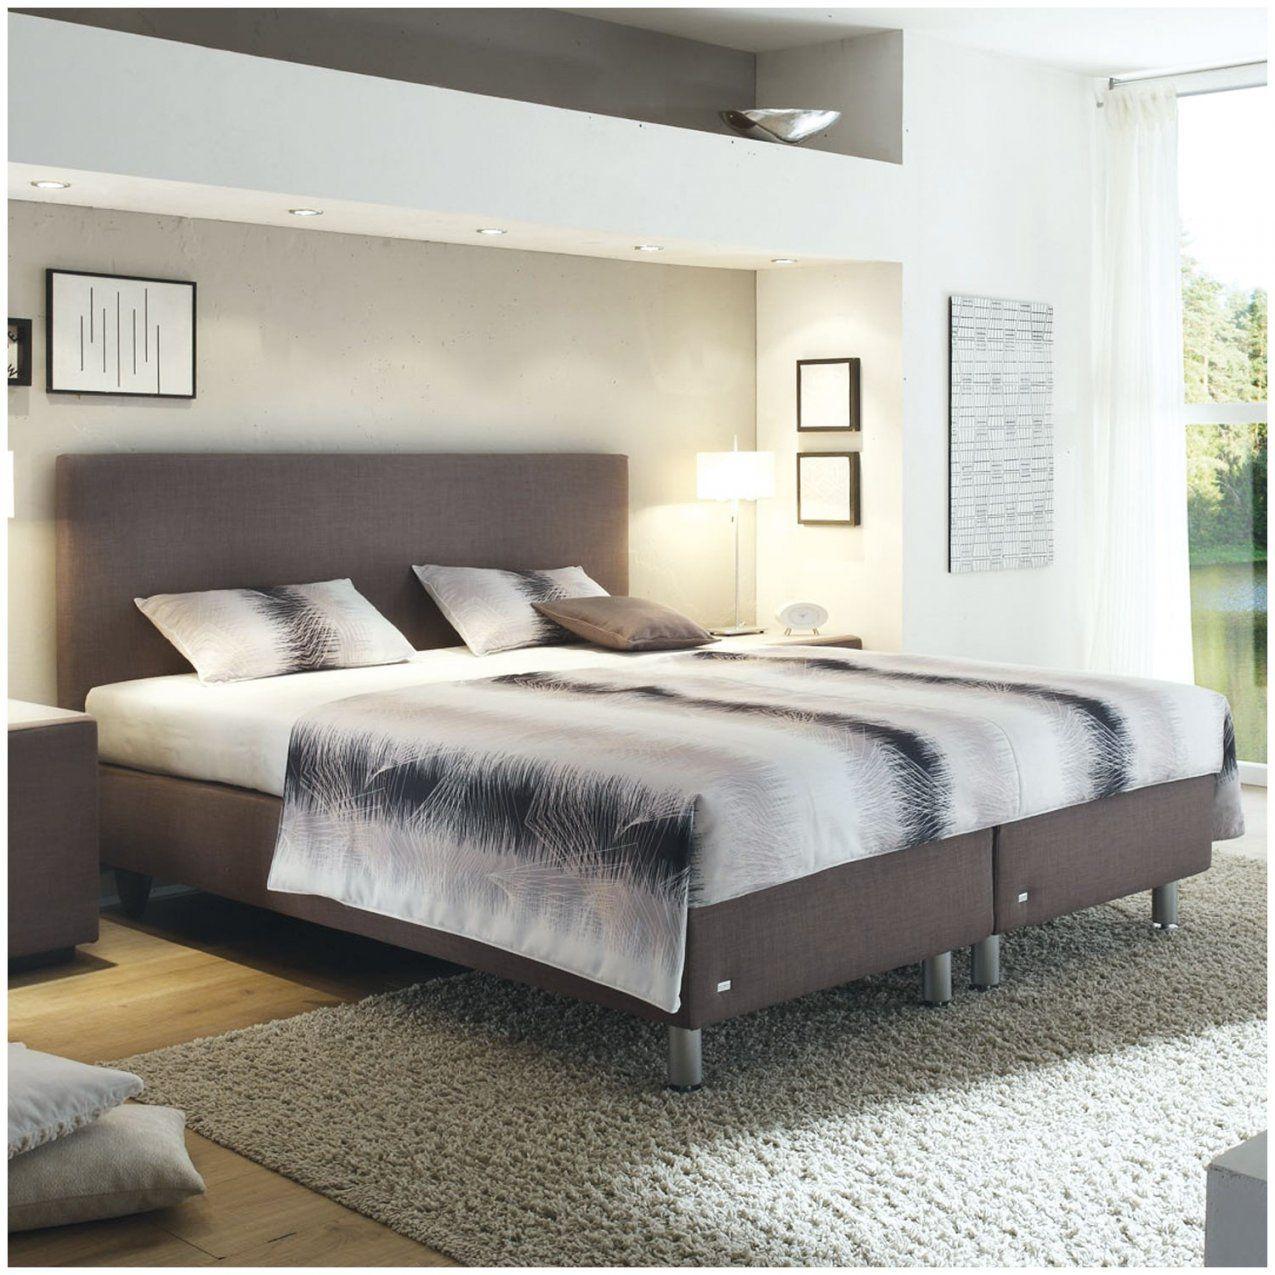 Erstaunlich Ruf Betten Test Sammlung Von Bett Stil 45418  Bett Ideen von Ruf Betten Boxspring Test Photo